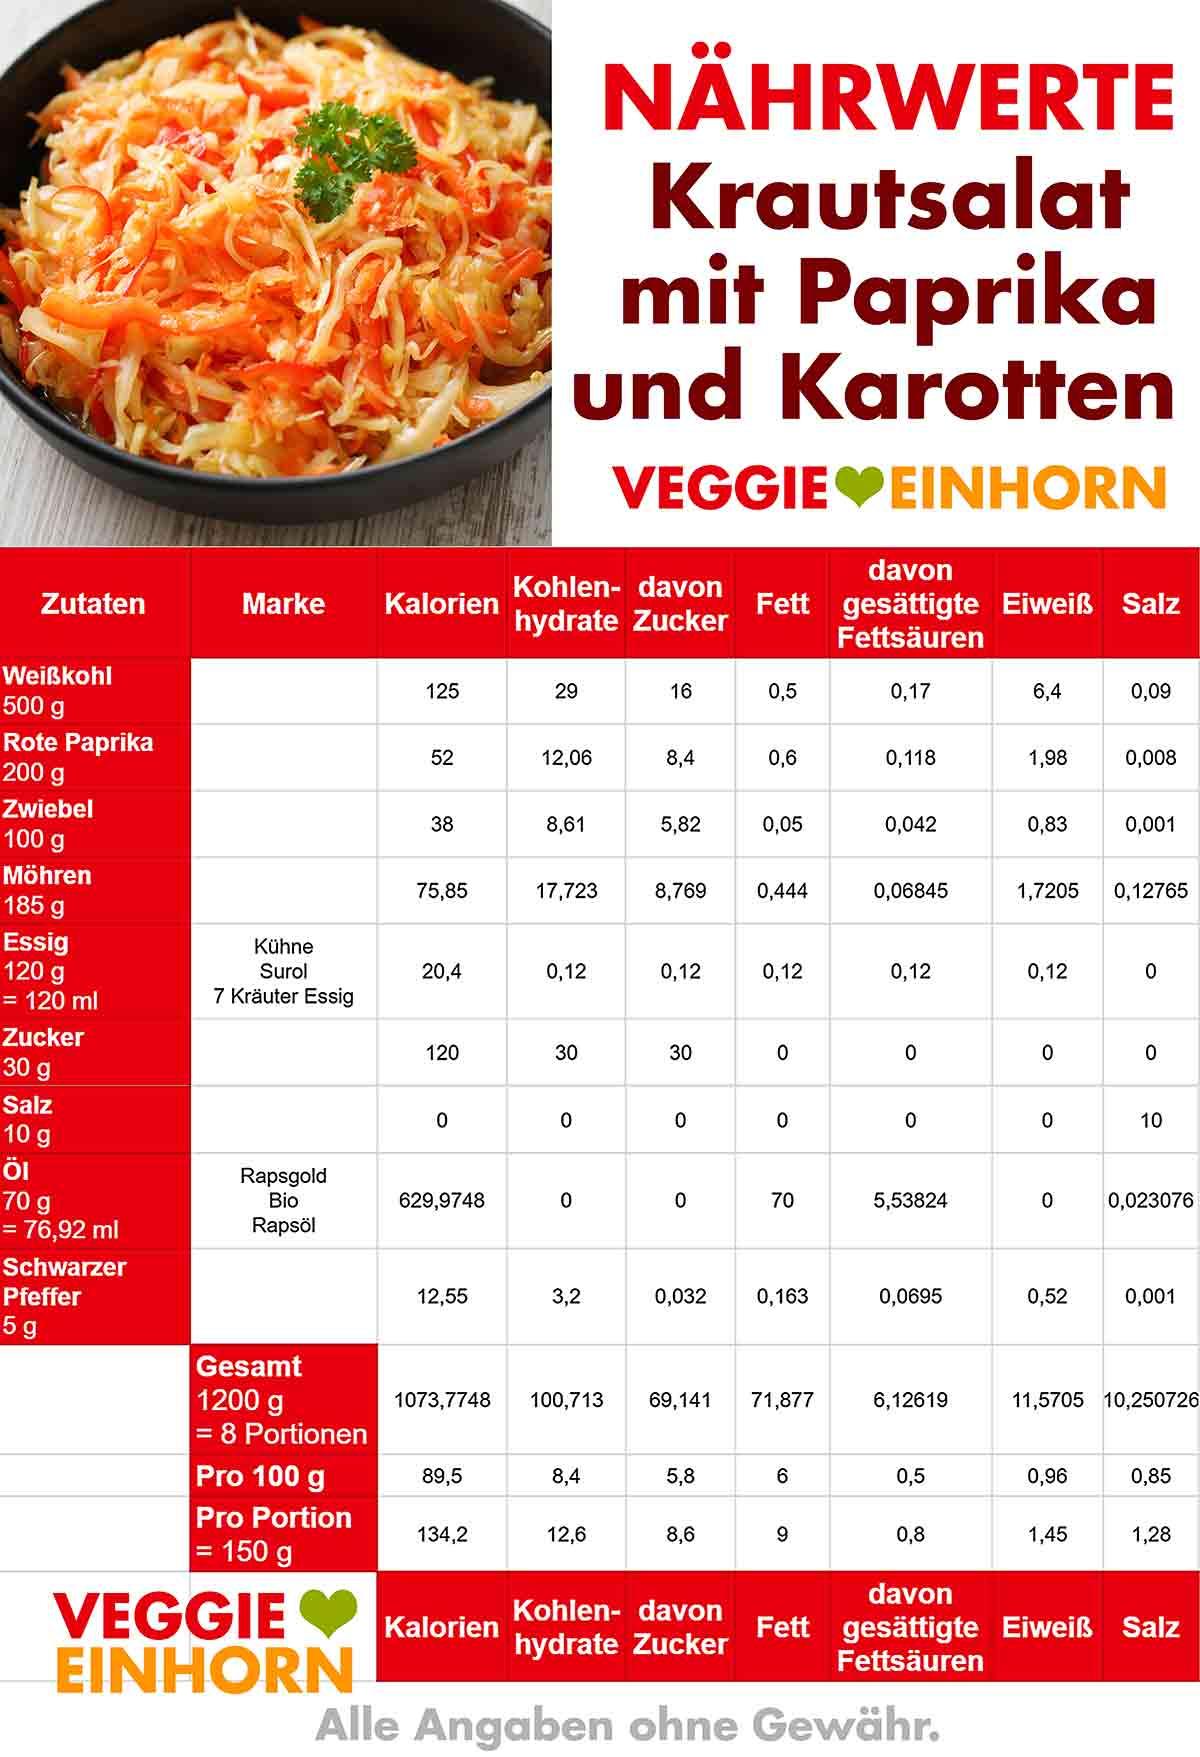 Kalorien von Krautsalat mit Paprika und Karotten